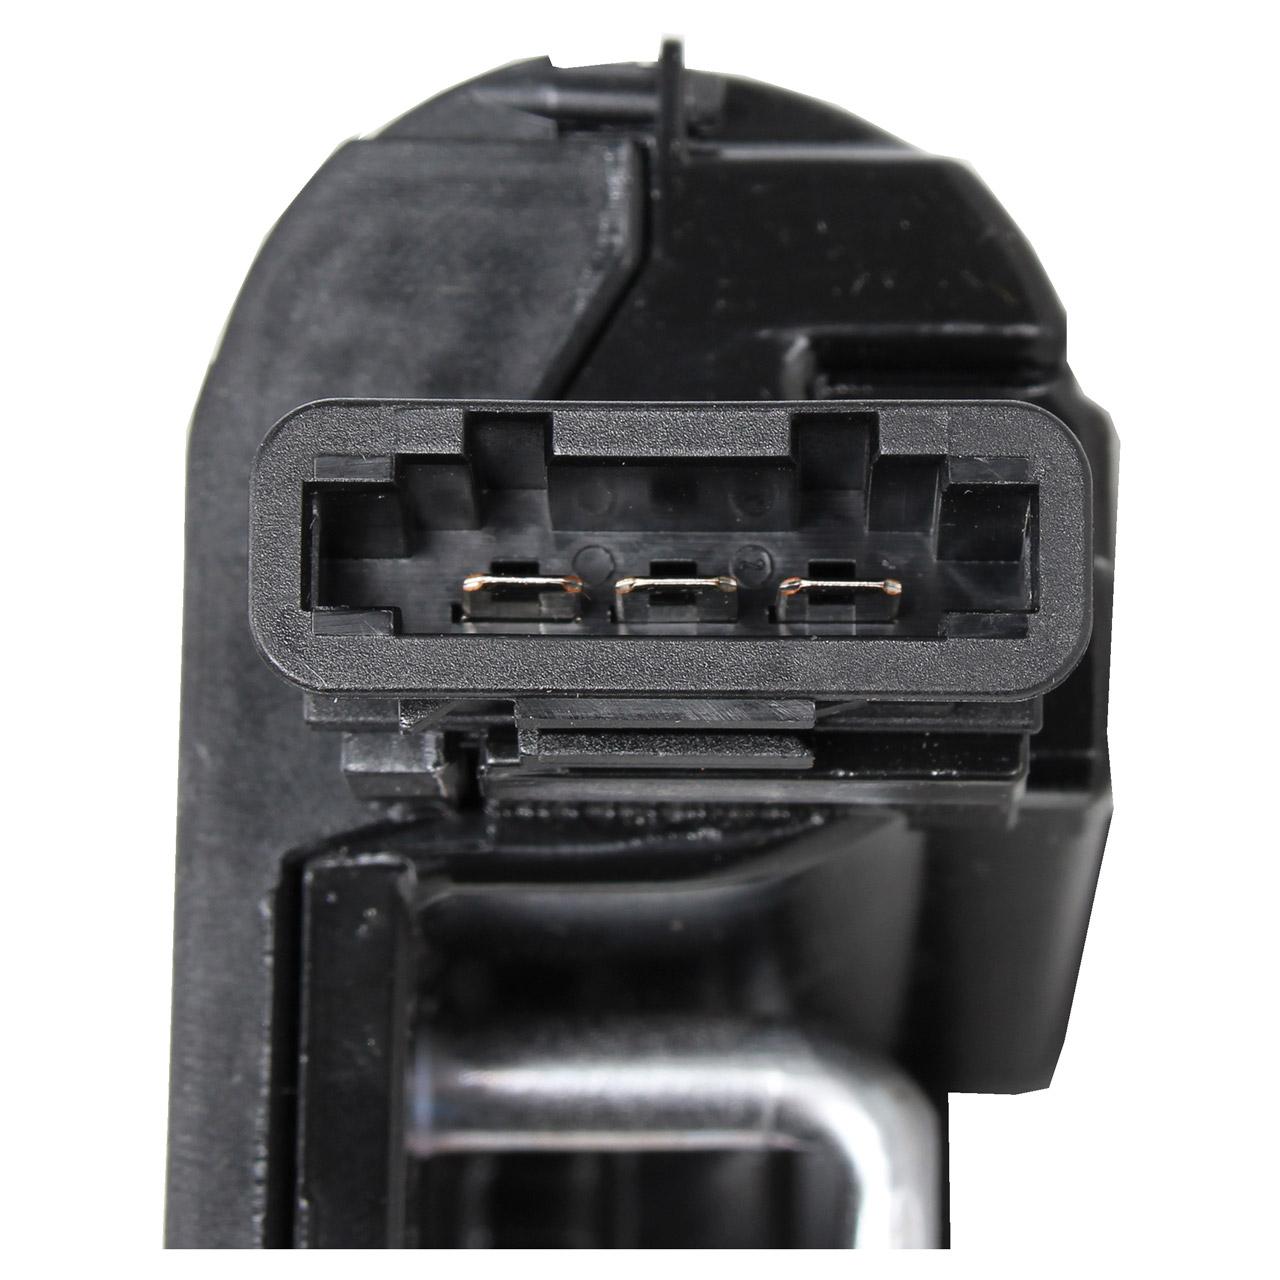 ORIGINAL VW Schließplatte mit Motor für Zuziehhilfe Heckklappe T5 7L0827511C